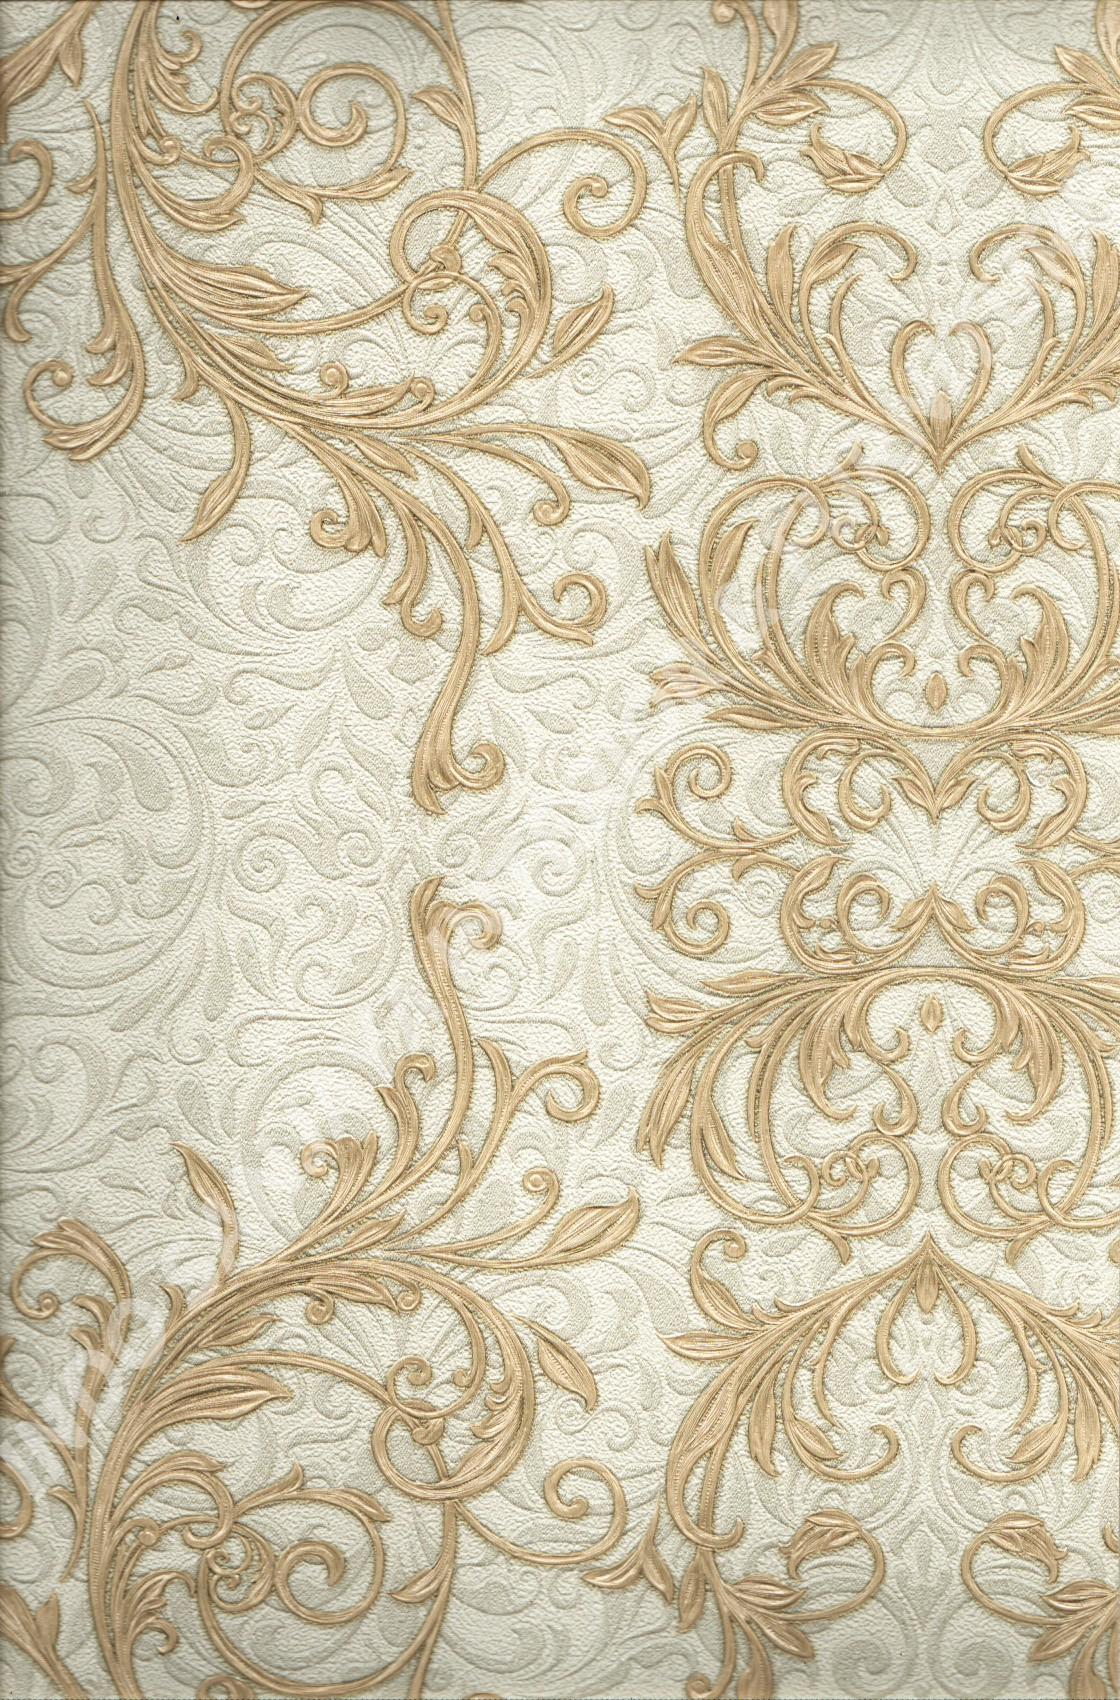 wallpaper   Wallpaper Klasik Batik (Damask) 11012:11012 corak  warna